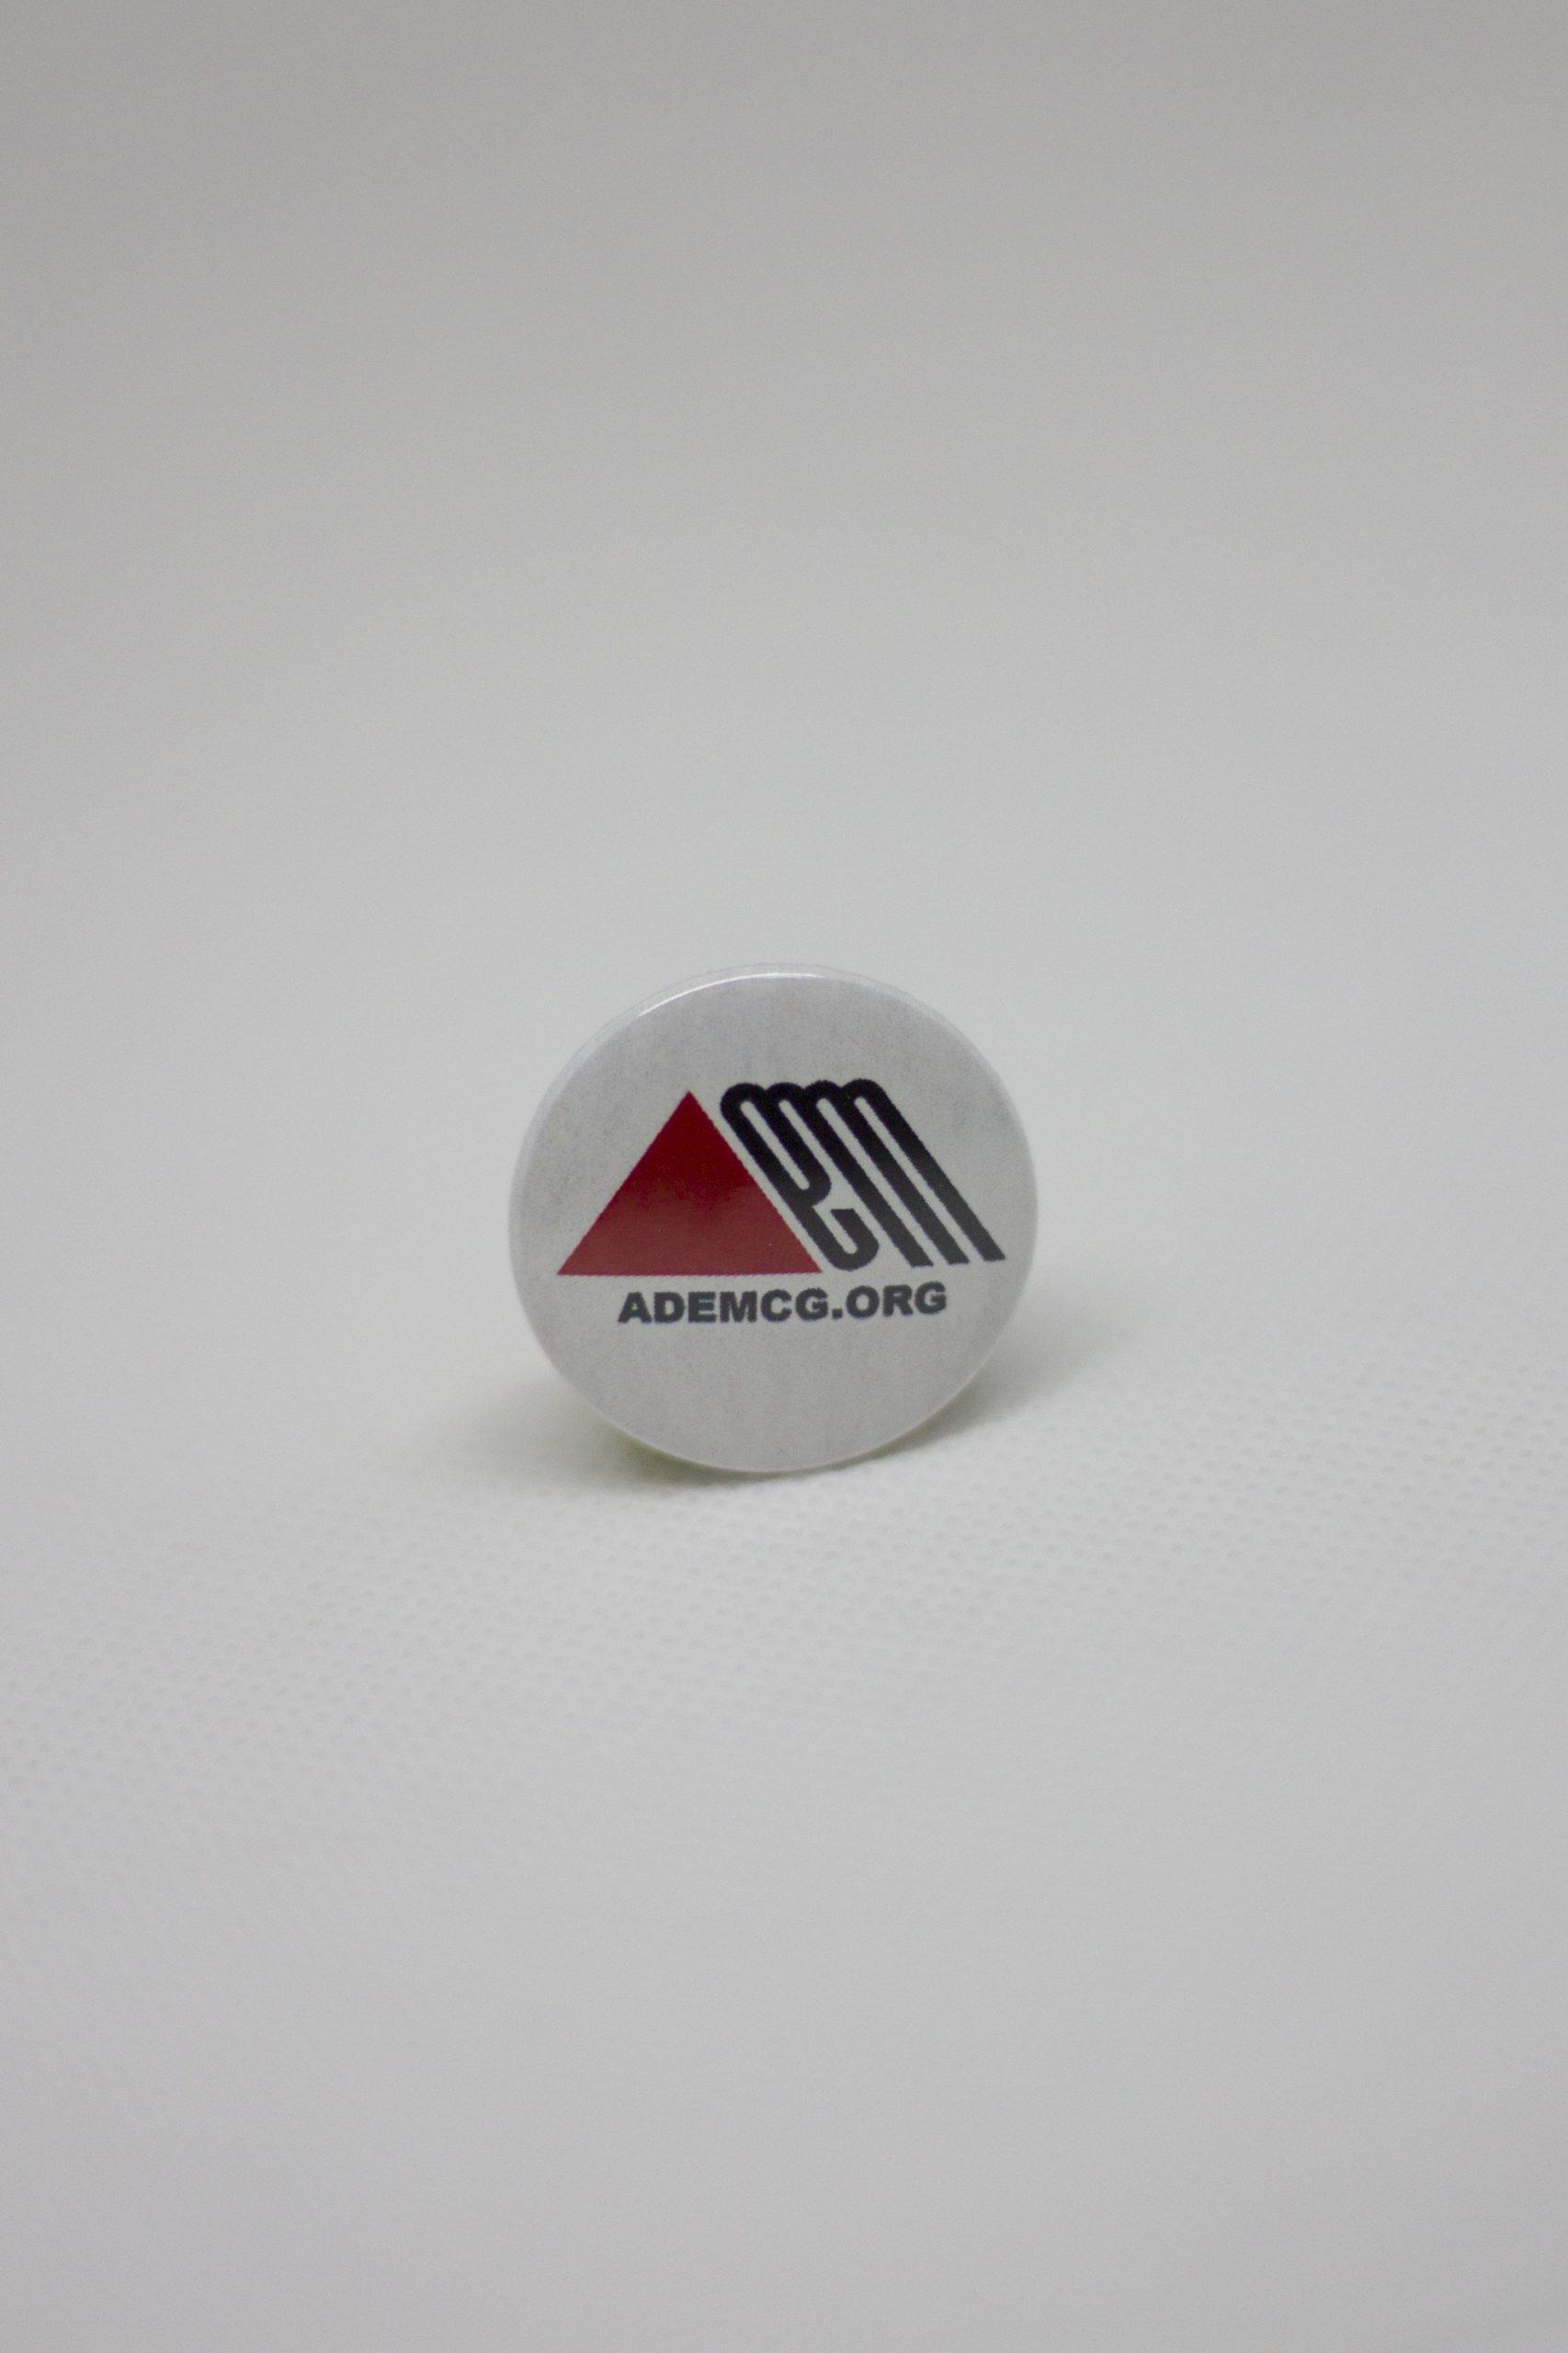 Pin ADEM-CG